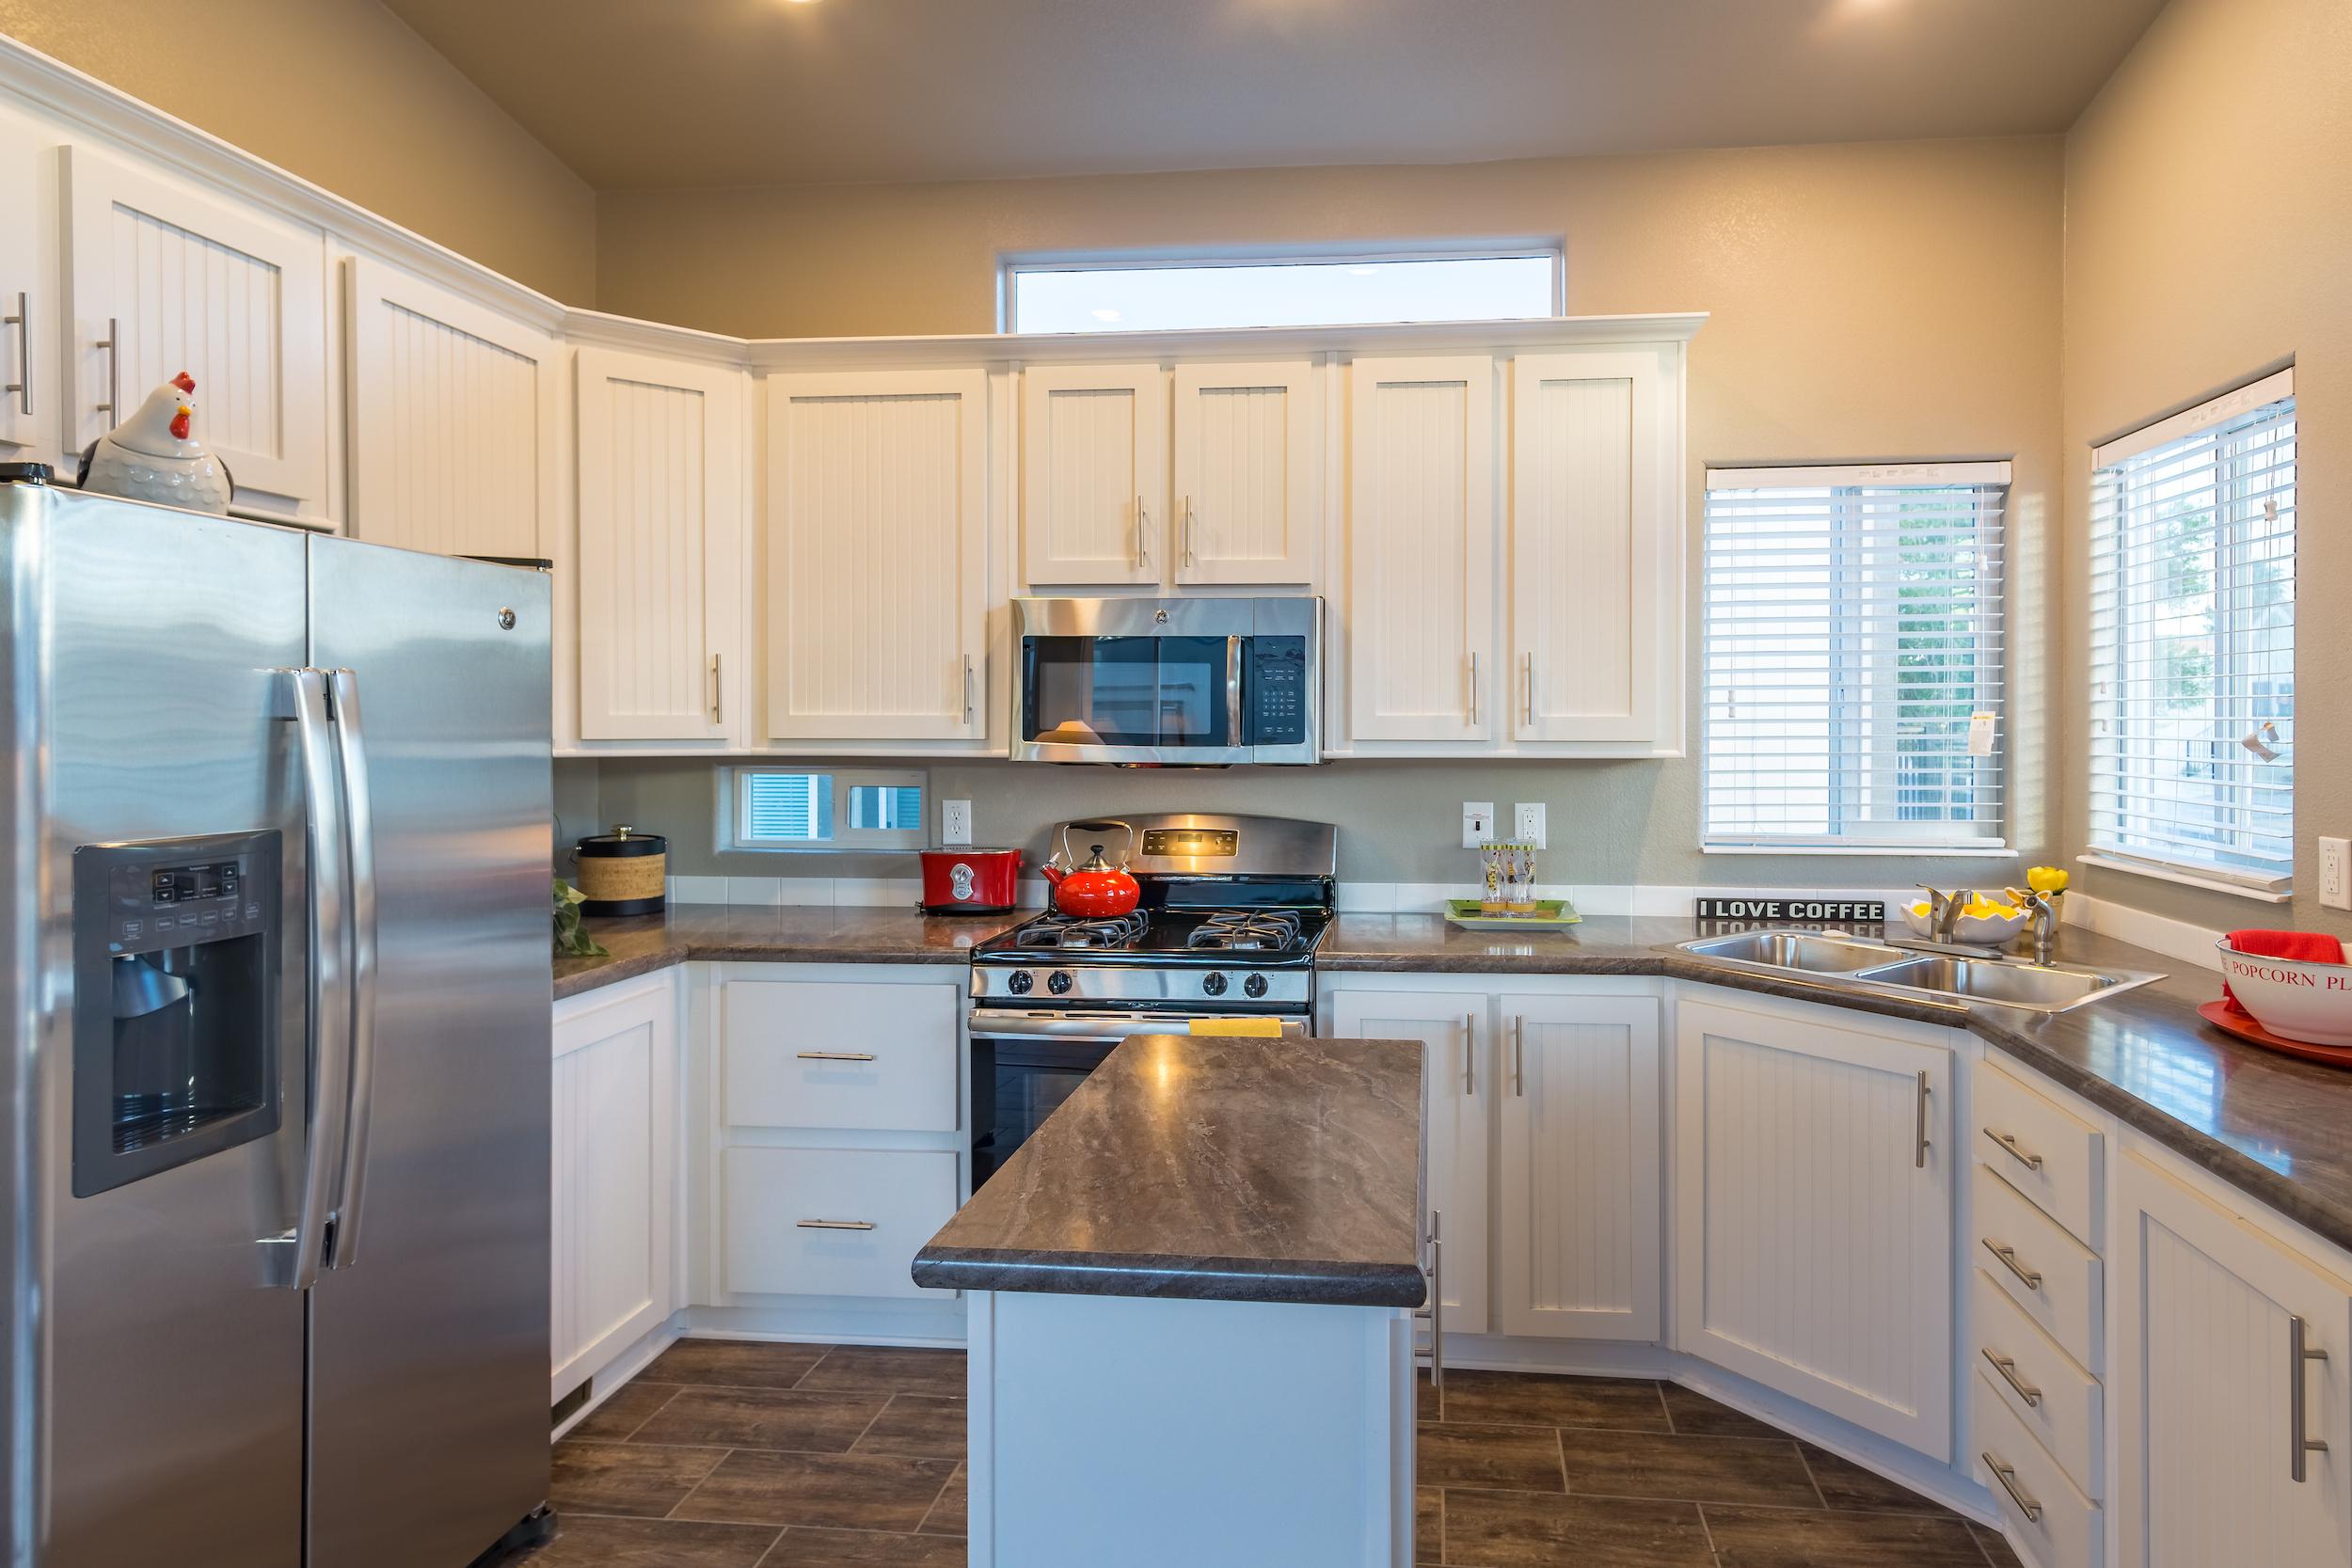 cottage-klitchen-white-cabinets-island.jpg